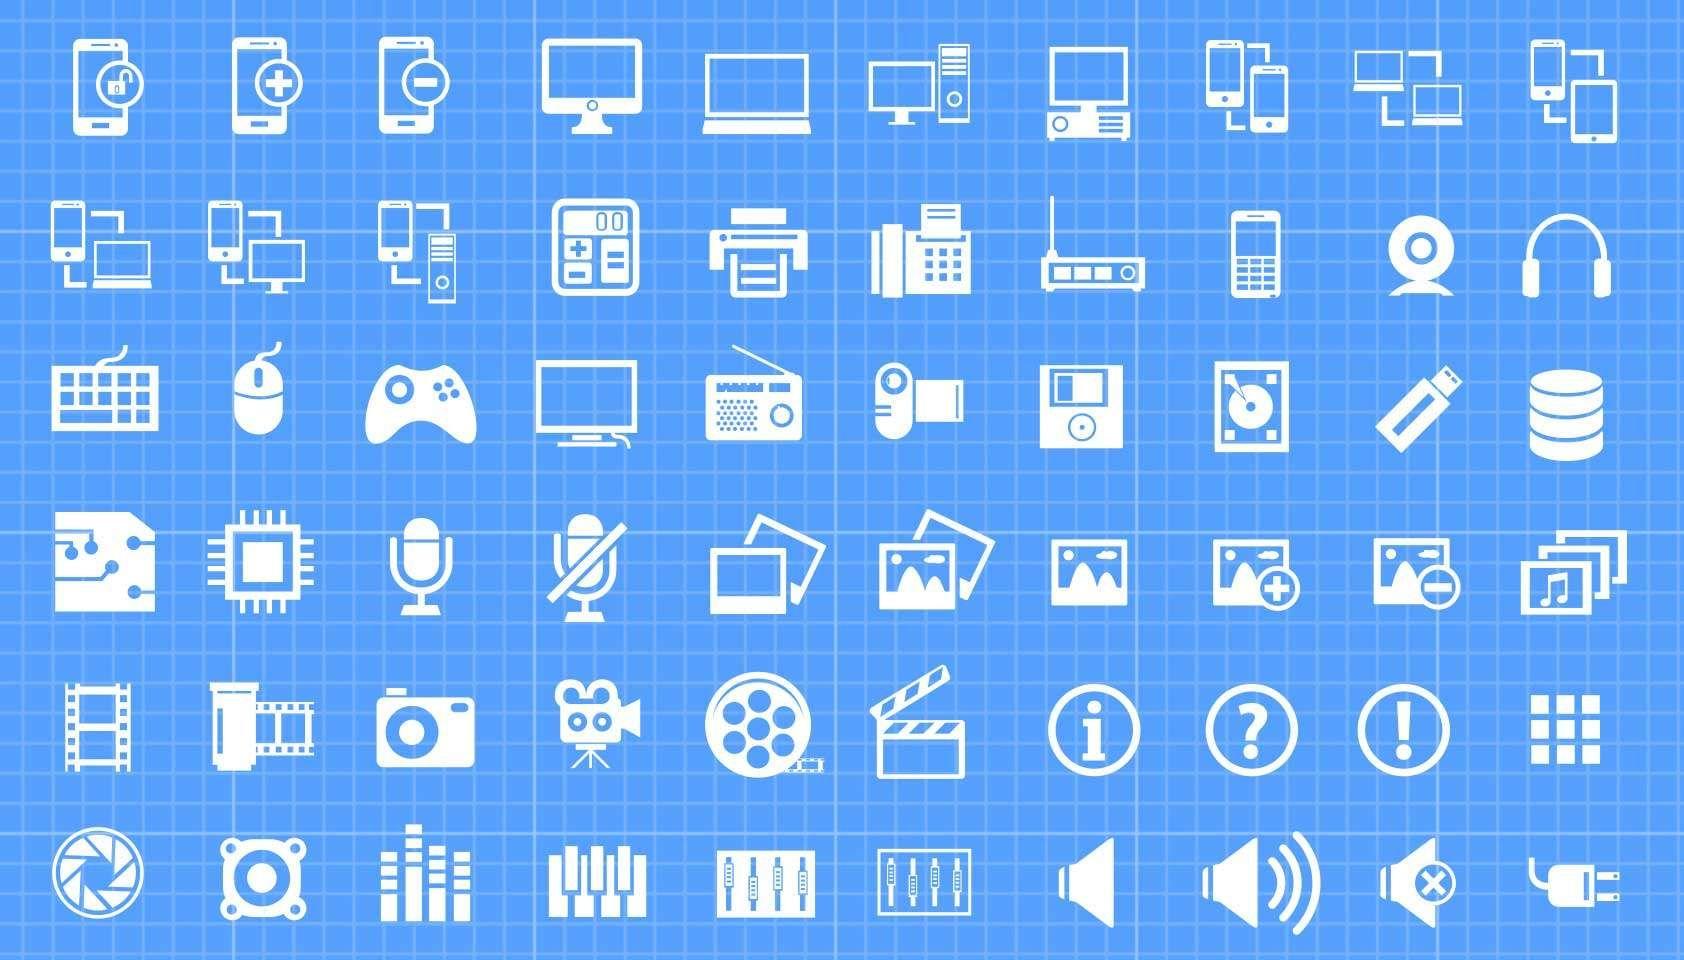 Free download: 500 Vector Mega Icon Pack | Iconos web y Free